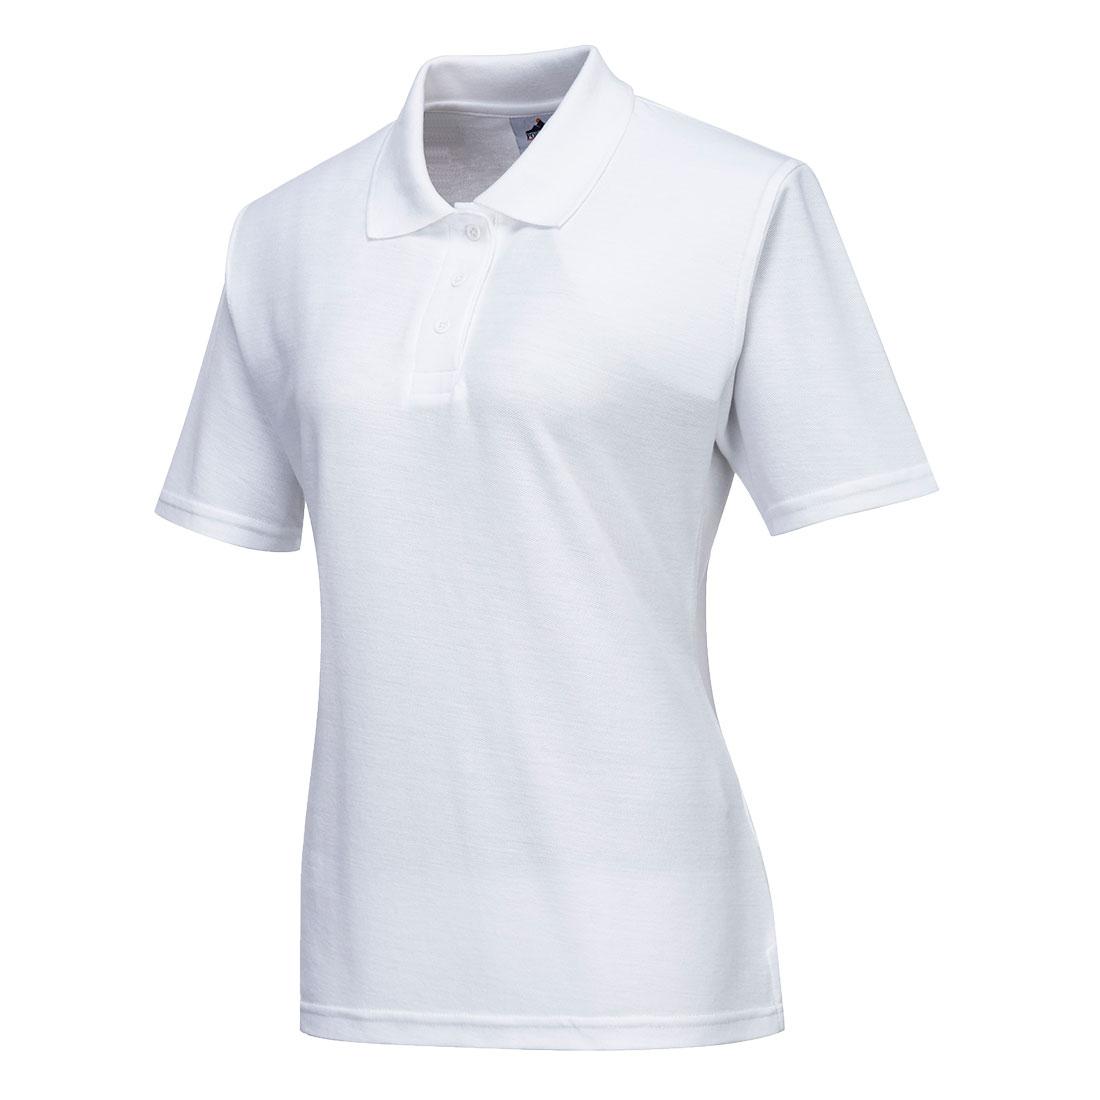 Ladies Polo Shirt White SR